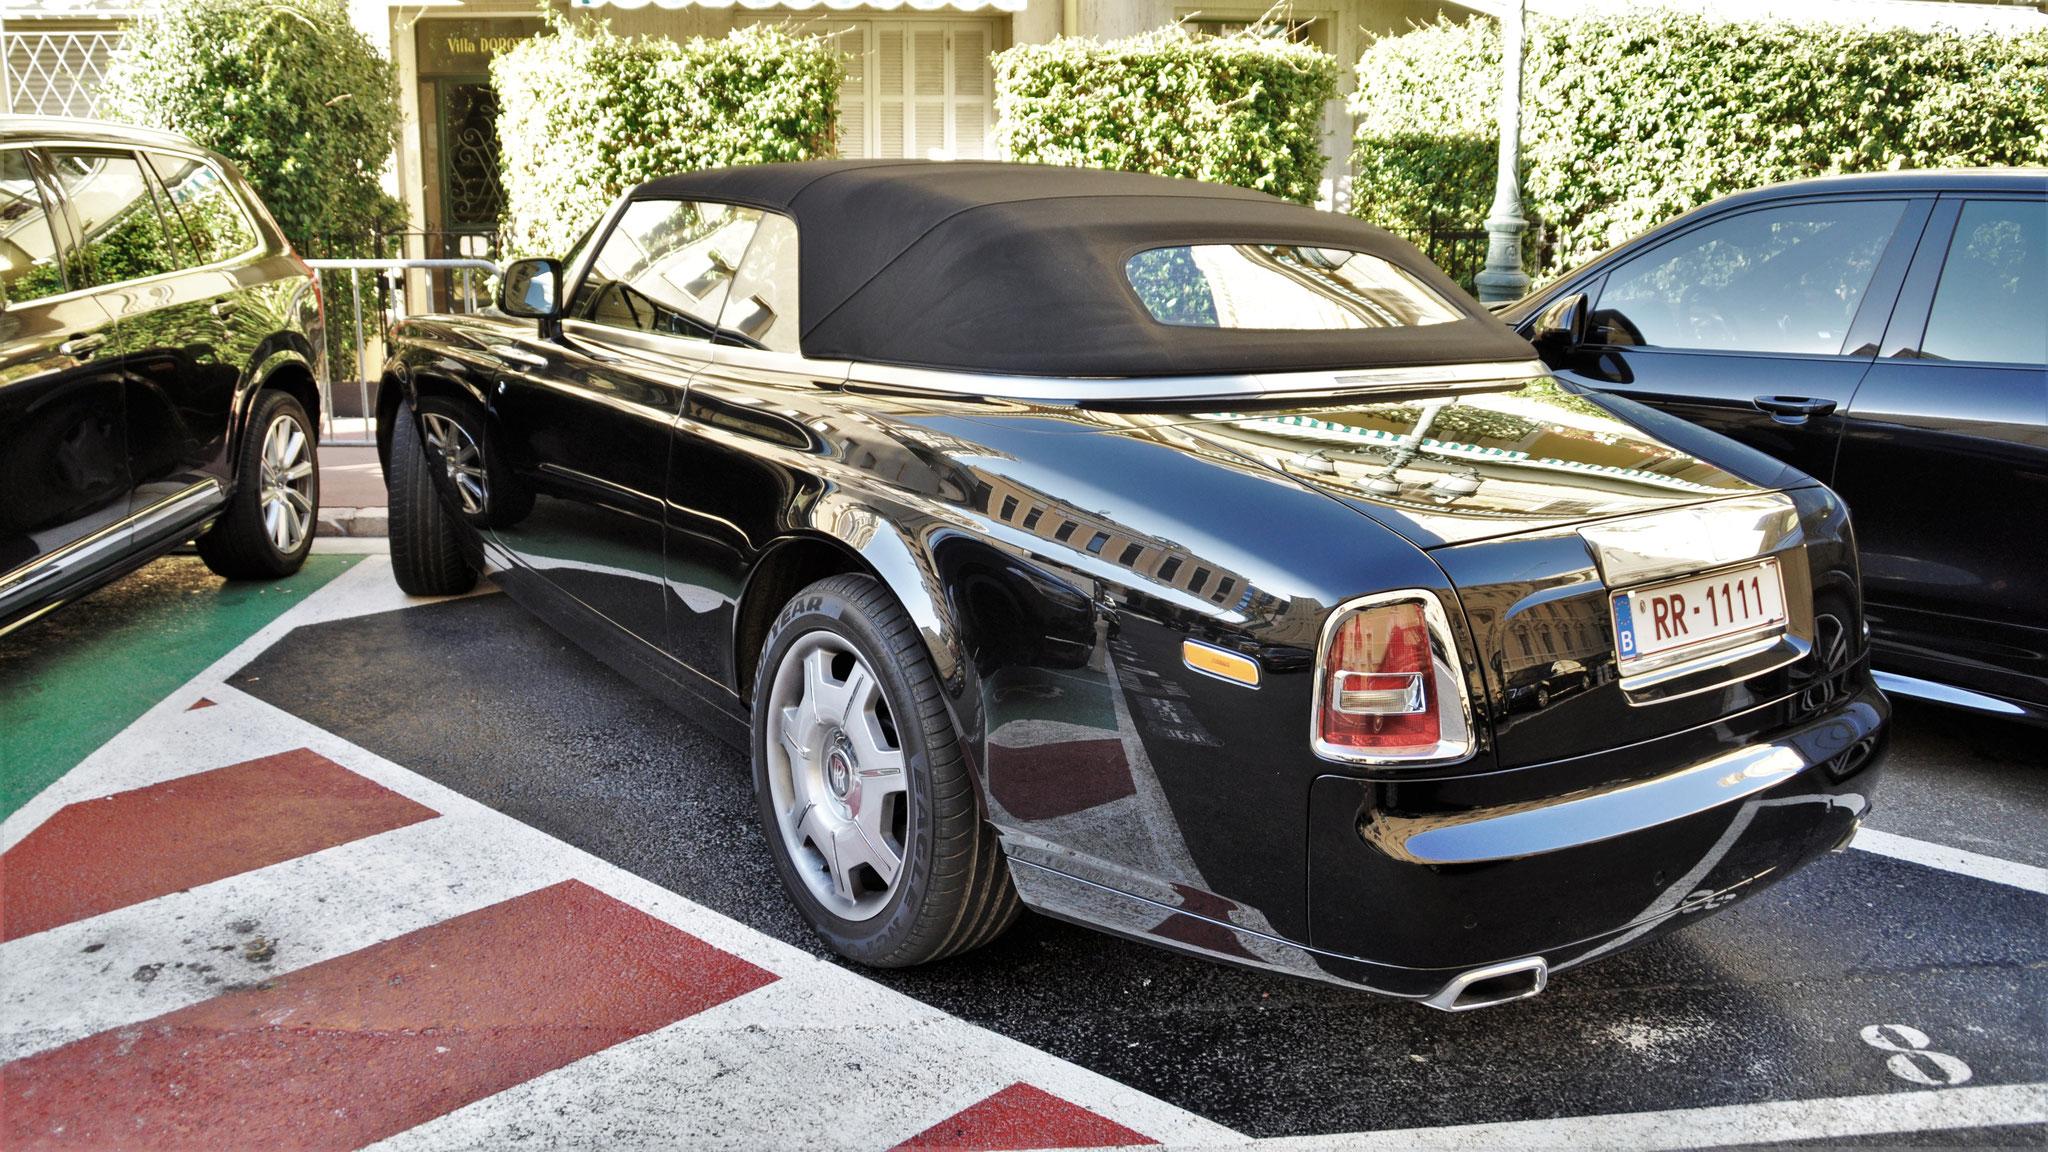 Rolls Royce Drophead - RR-1111 (BEL)